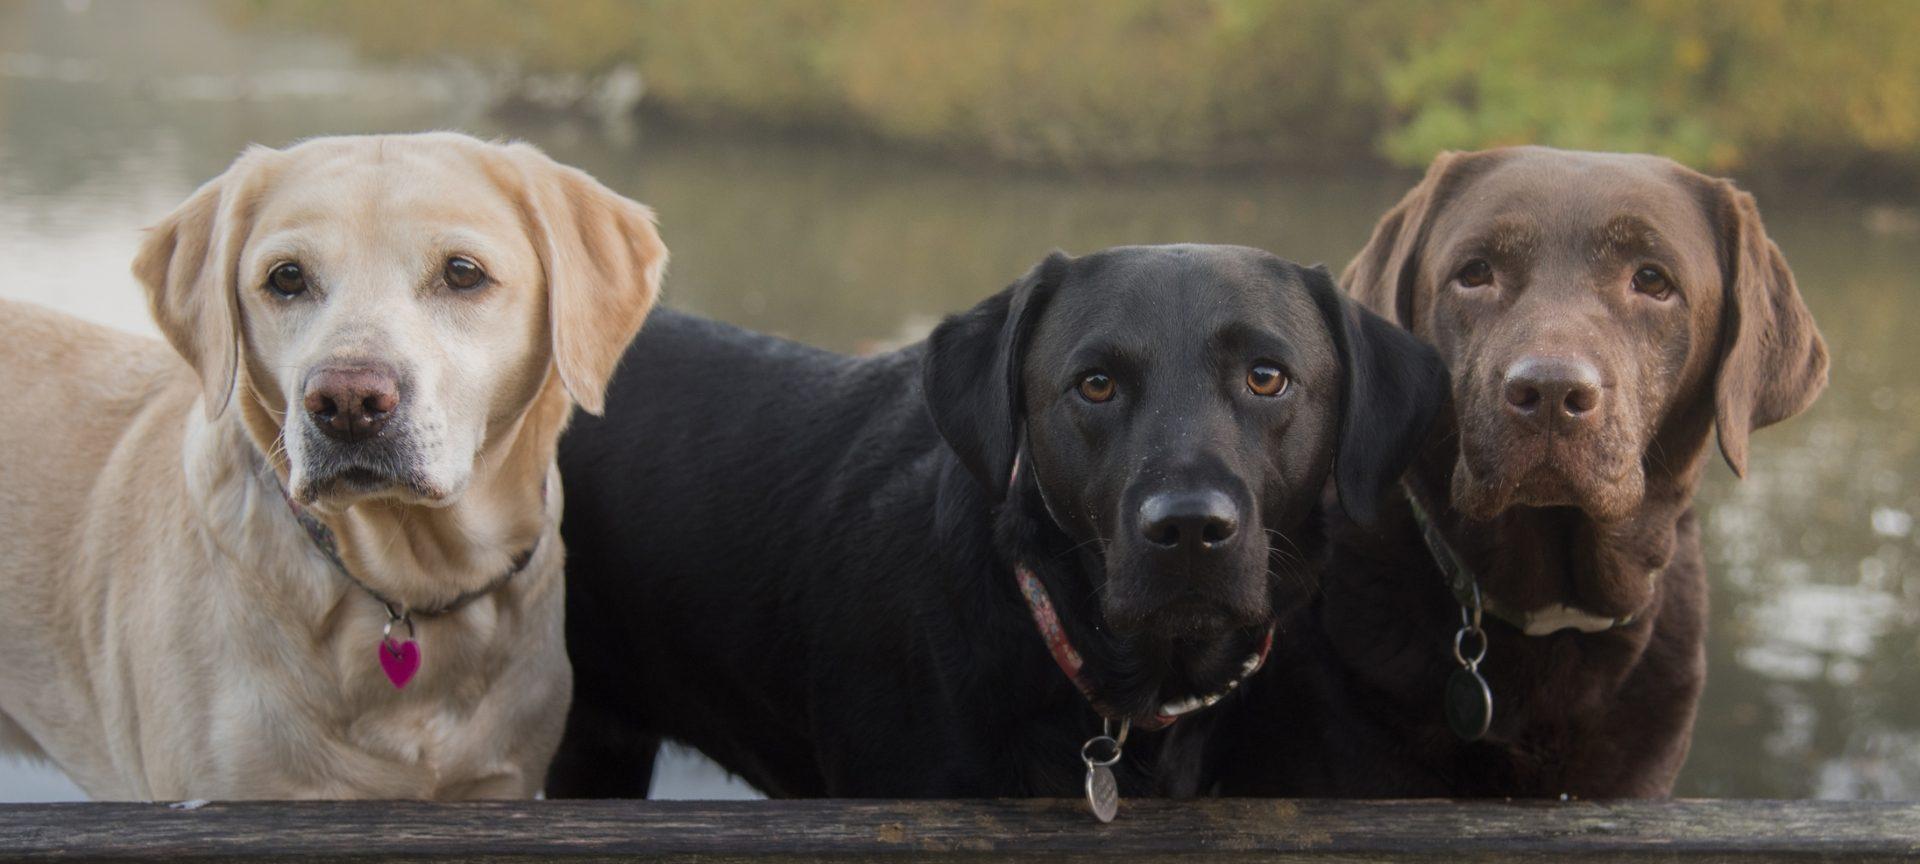 Adoptarea unui câine pe lângă cel pe care îl ai deja poate fi o problemă. Ce trebuie să știi